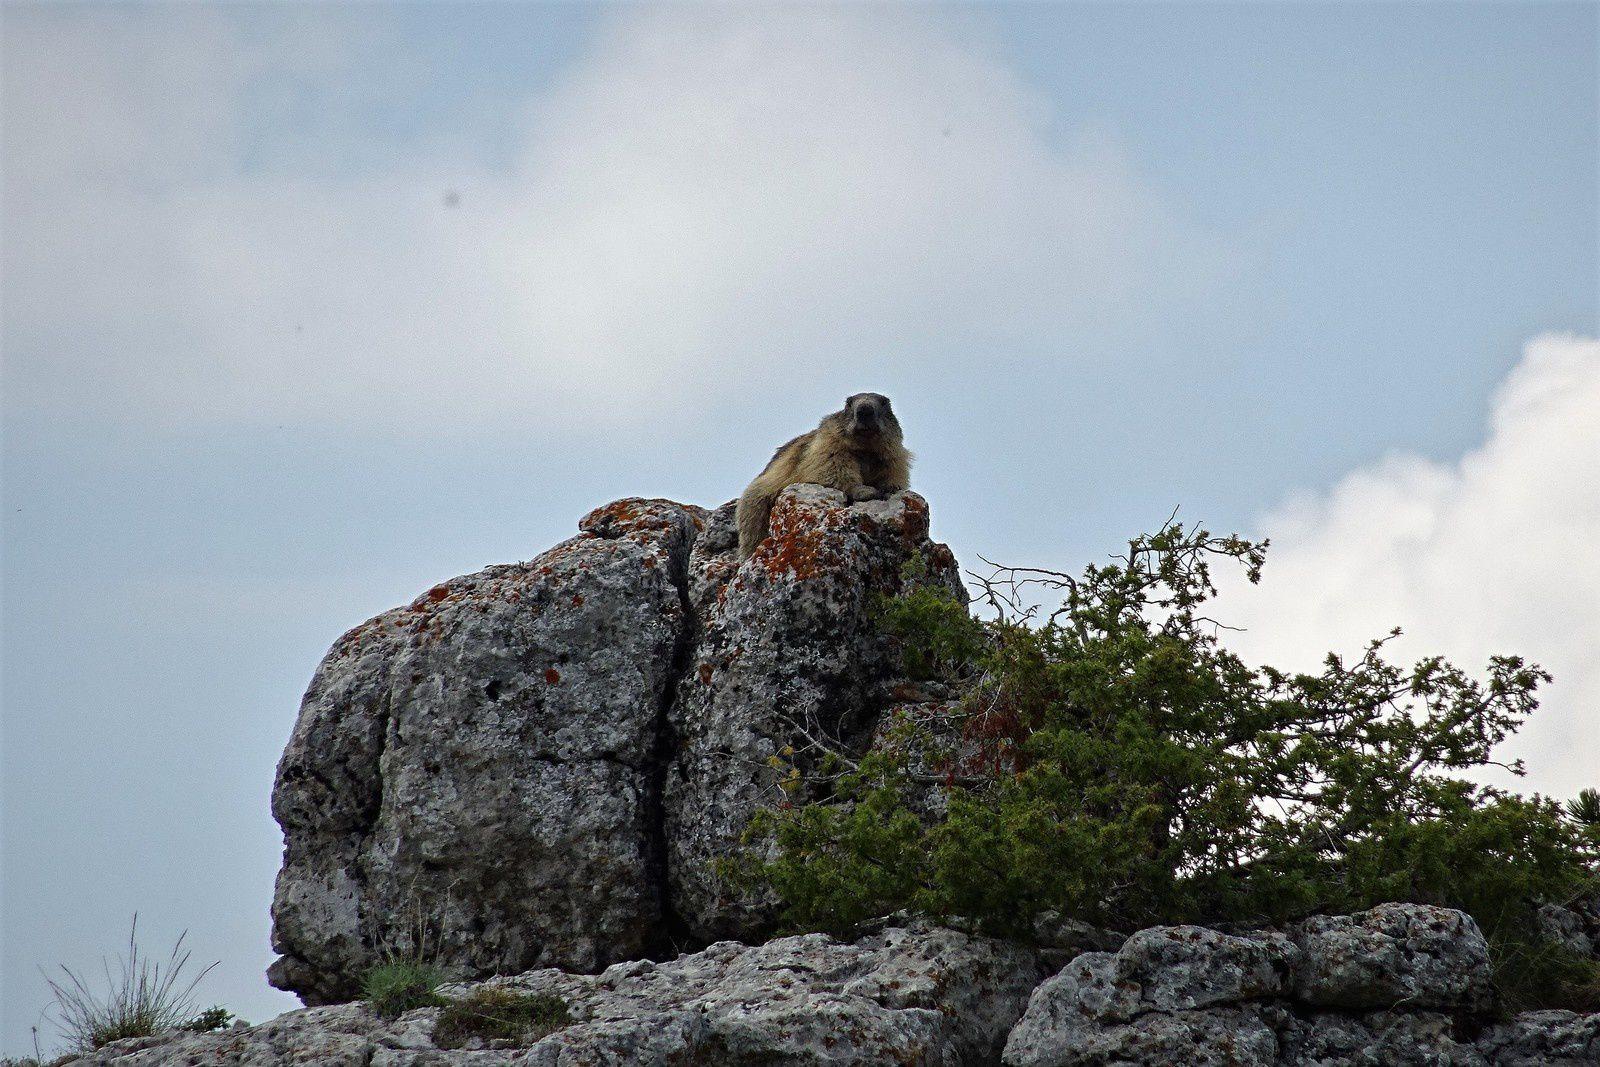 Nous verrons des marmottes, certaines courront devant nous avant de se terrer sous les pierres, superbe moment.